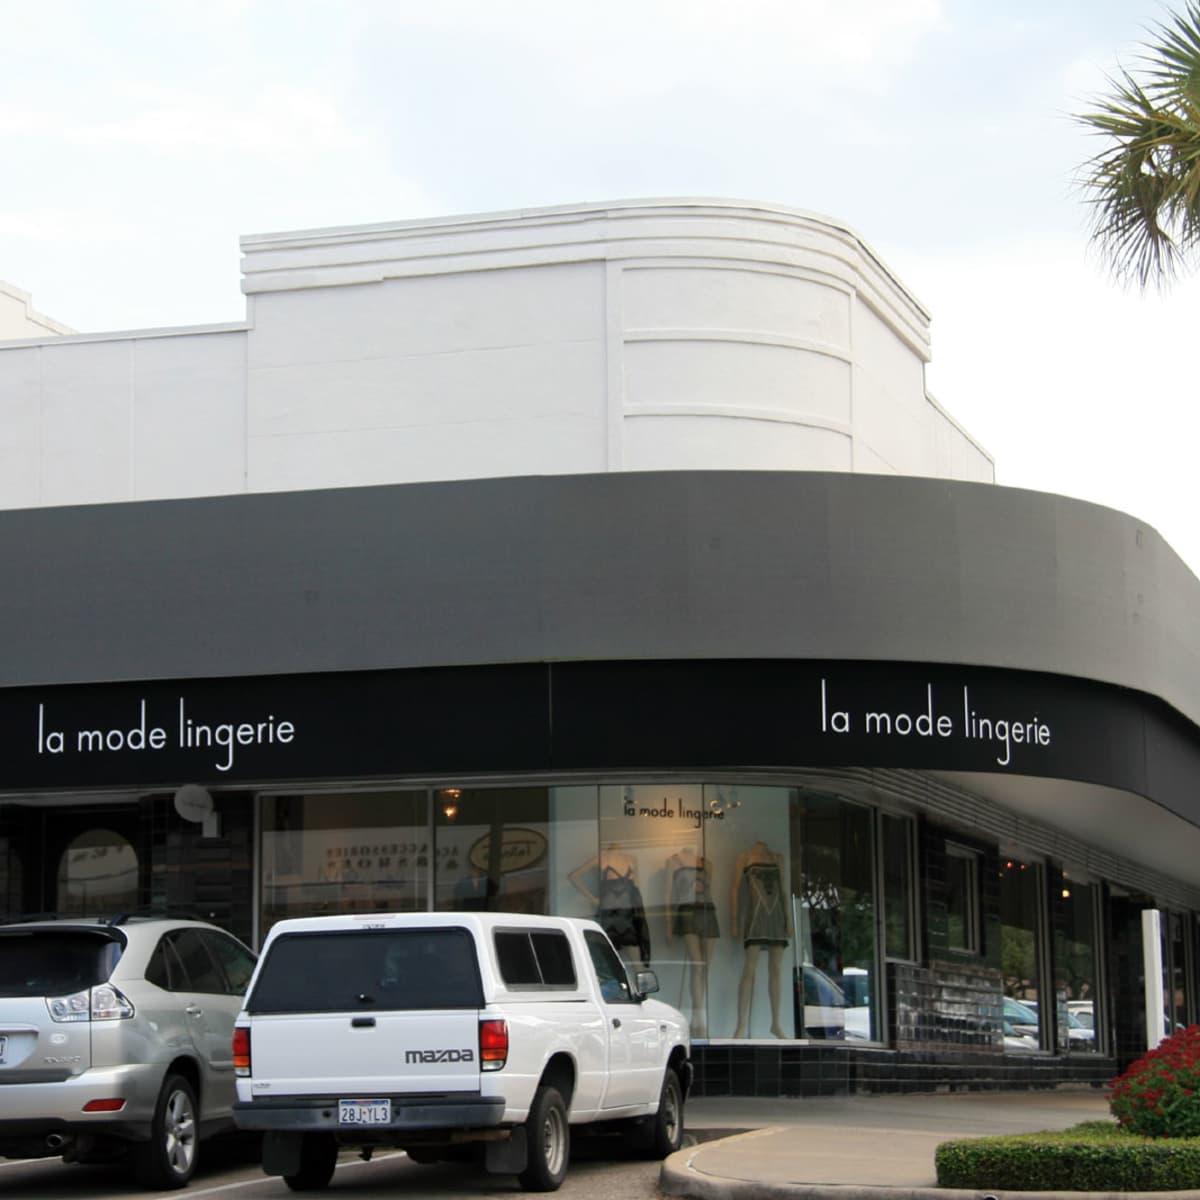 Places-Shopping-La Mode Lingerie-exterior-1